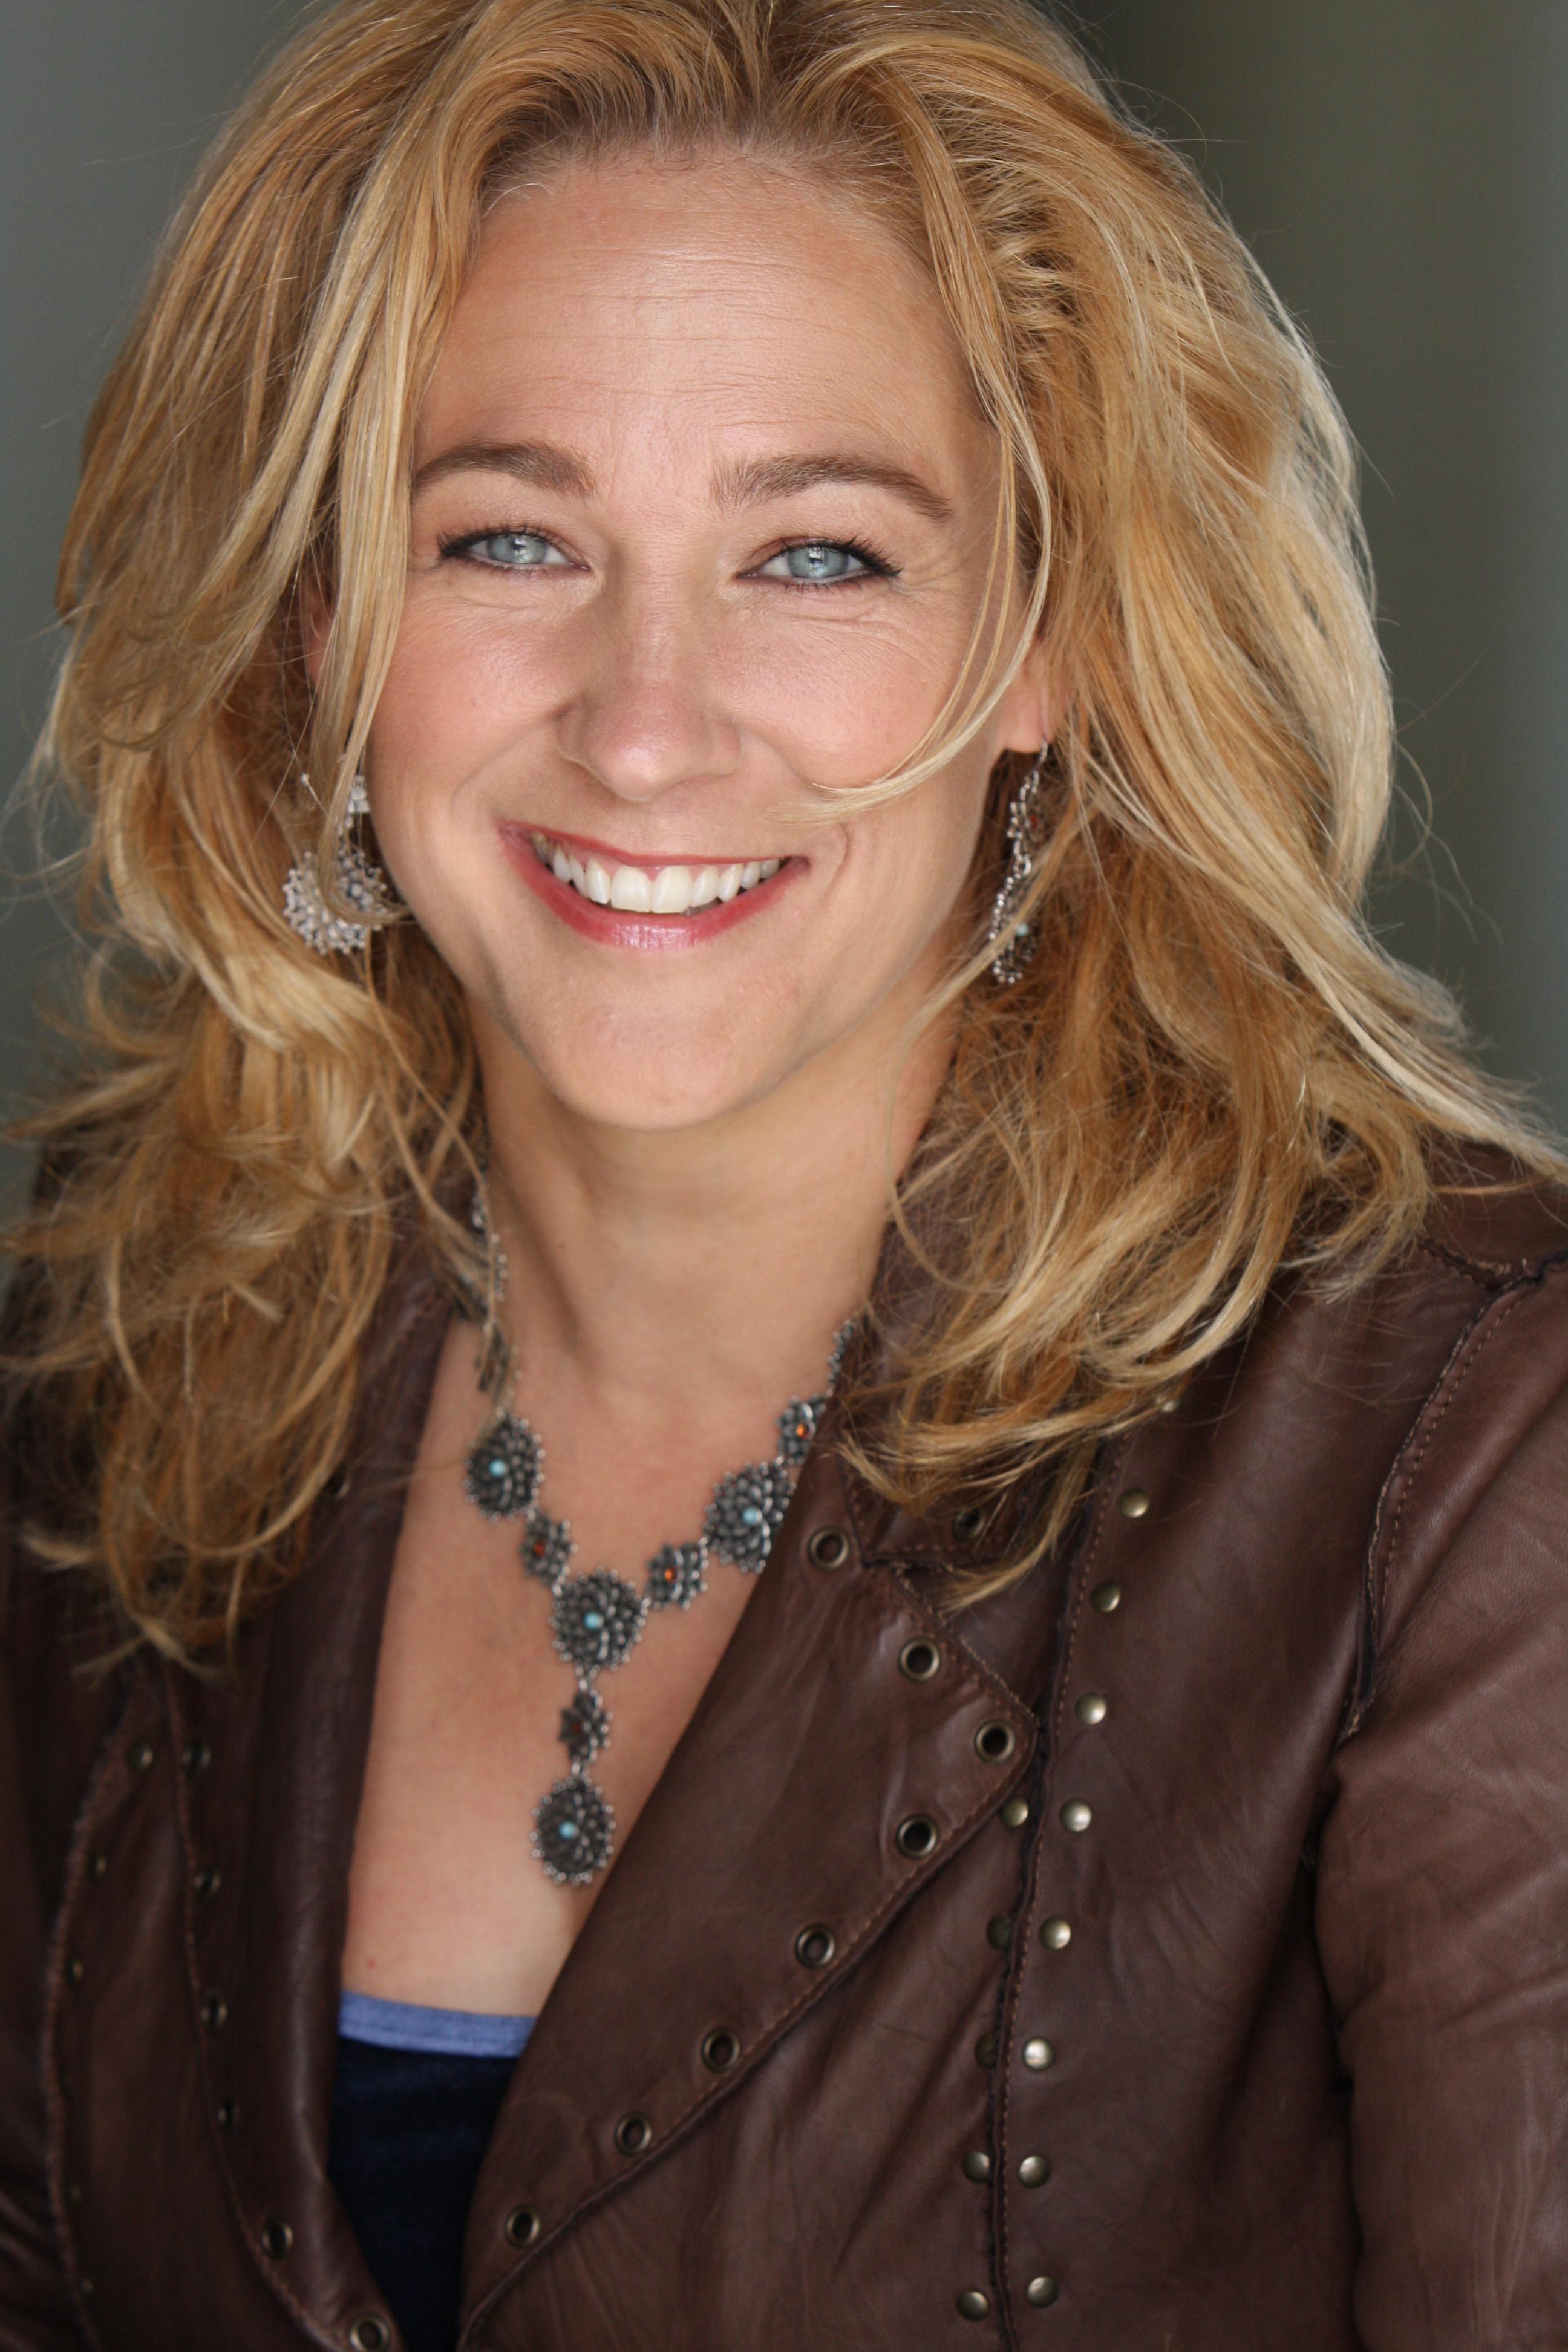 photo Susan Johnson (actress)